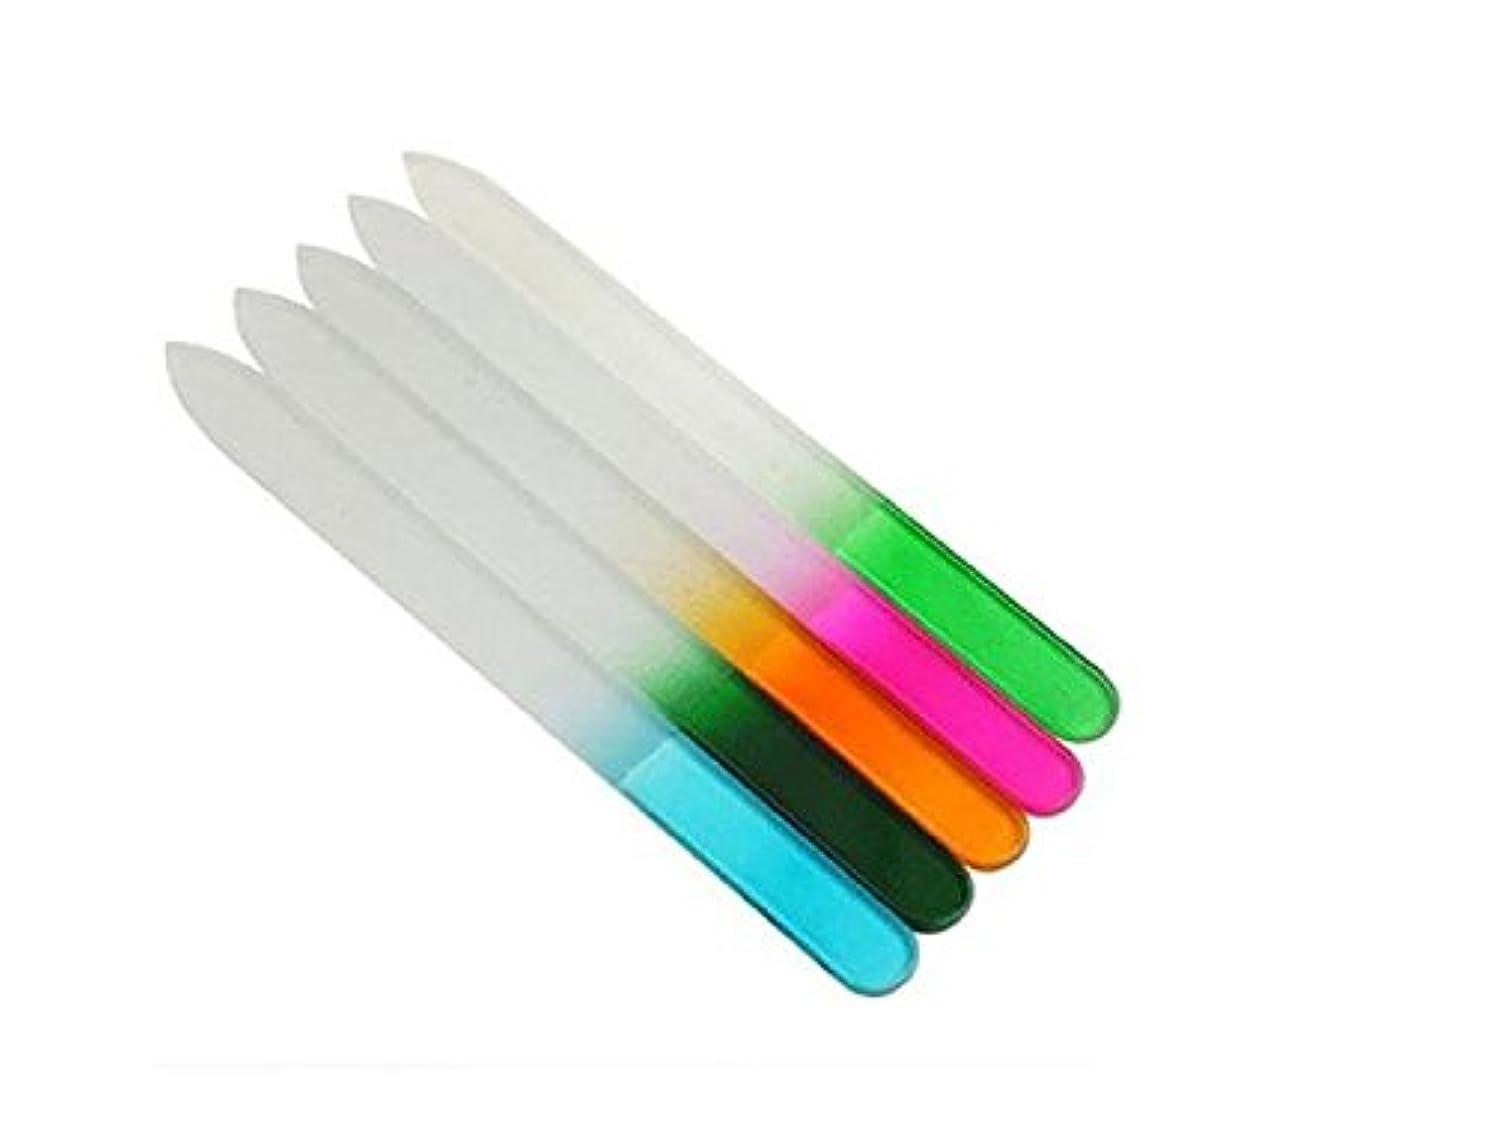 ロールスピン宗教的なI BECOME FREE ガラス製 爪やすり 爪ヤスリ 爪磨き 2本セット